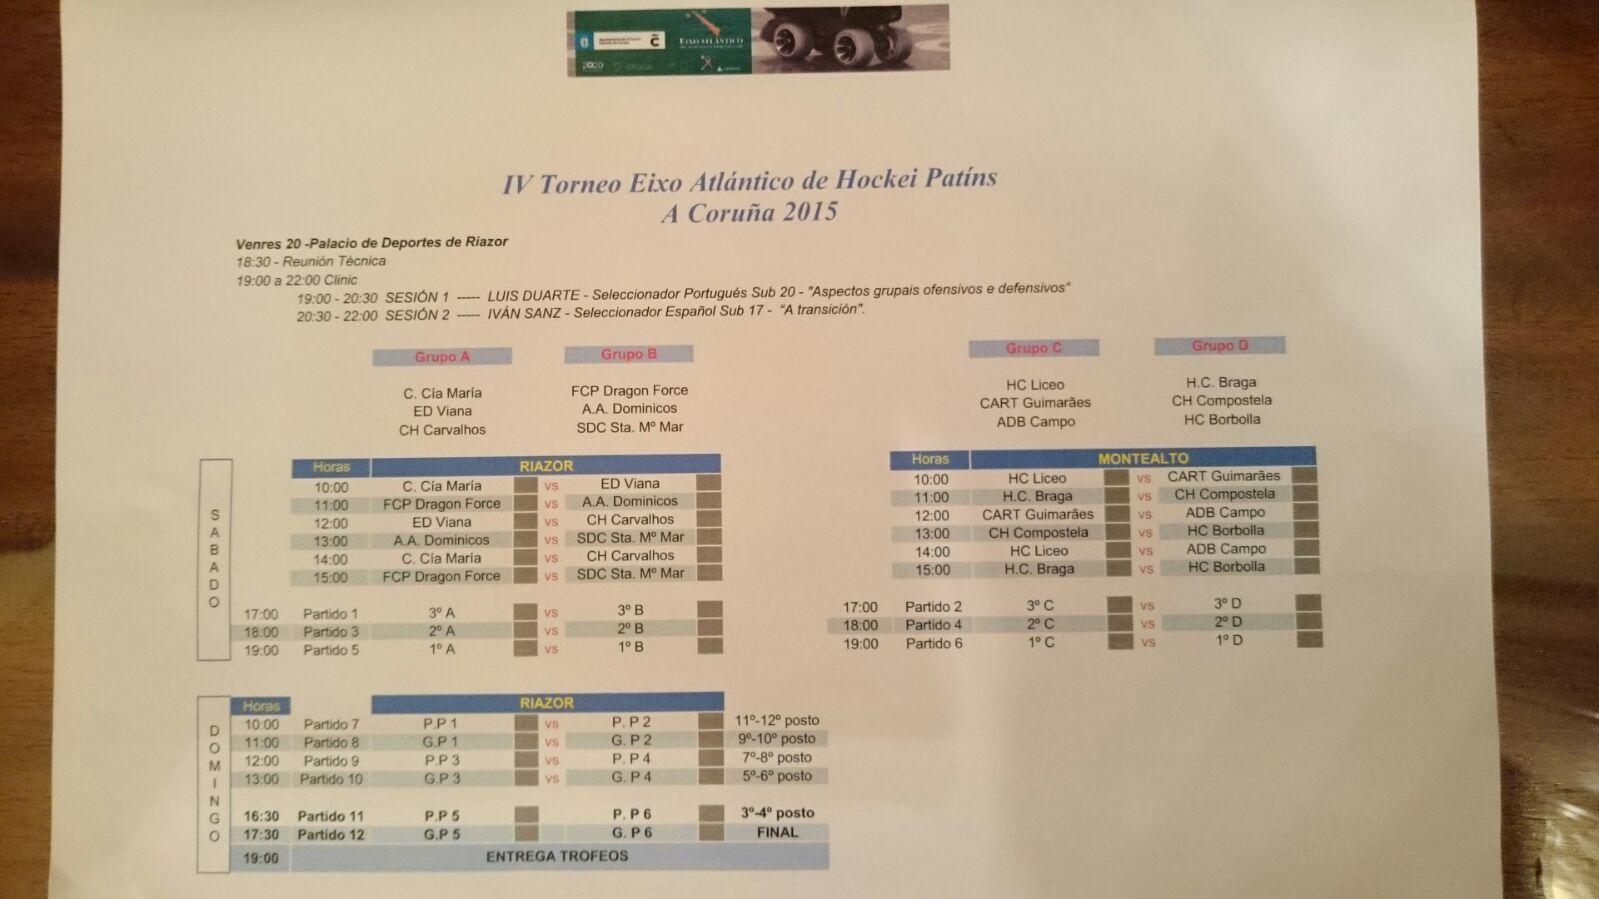 Avance Calendario del IV Torneo Eixo Atlántico de Hockey Patines.